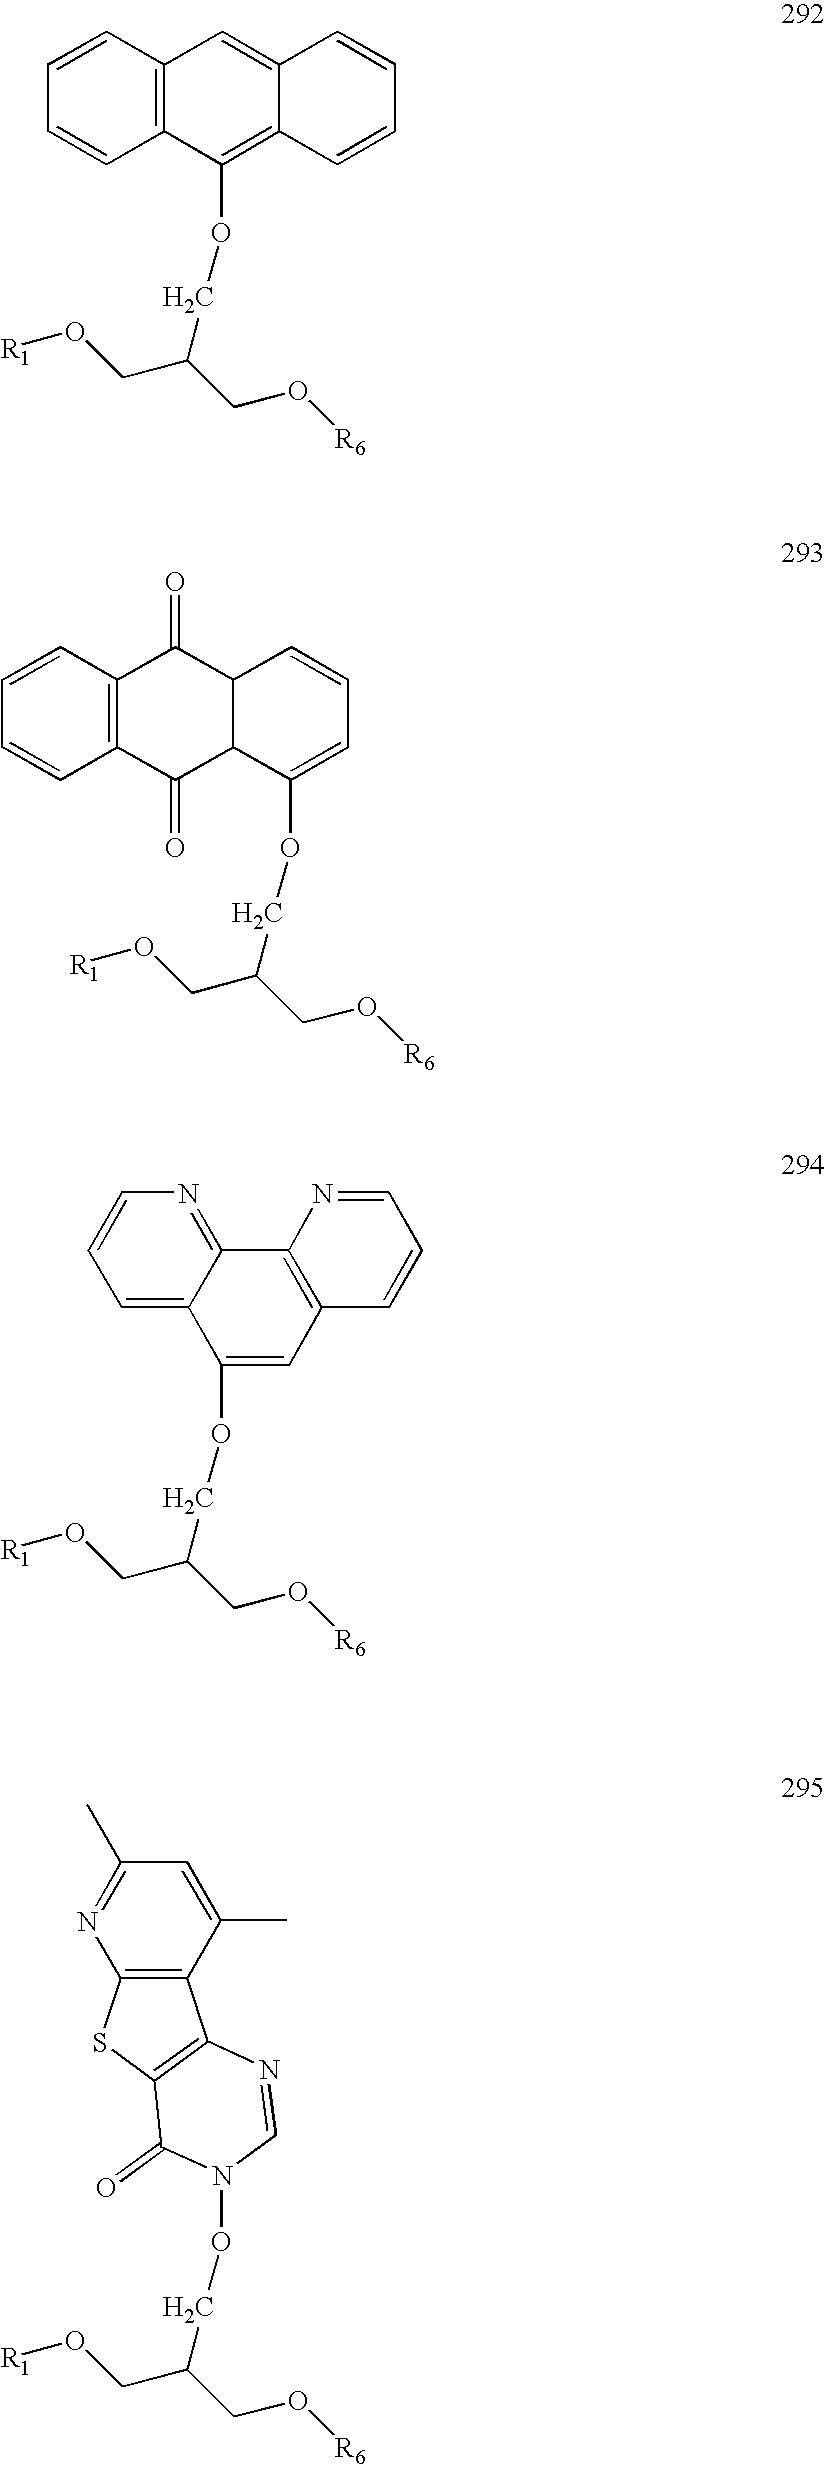 Figure US20060014144A1-20060119-C00152